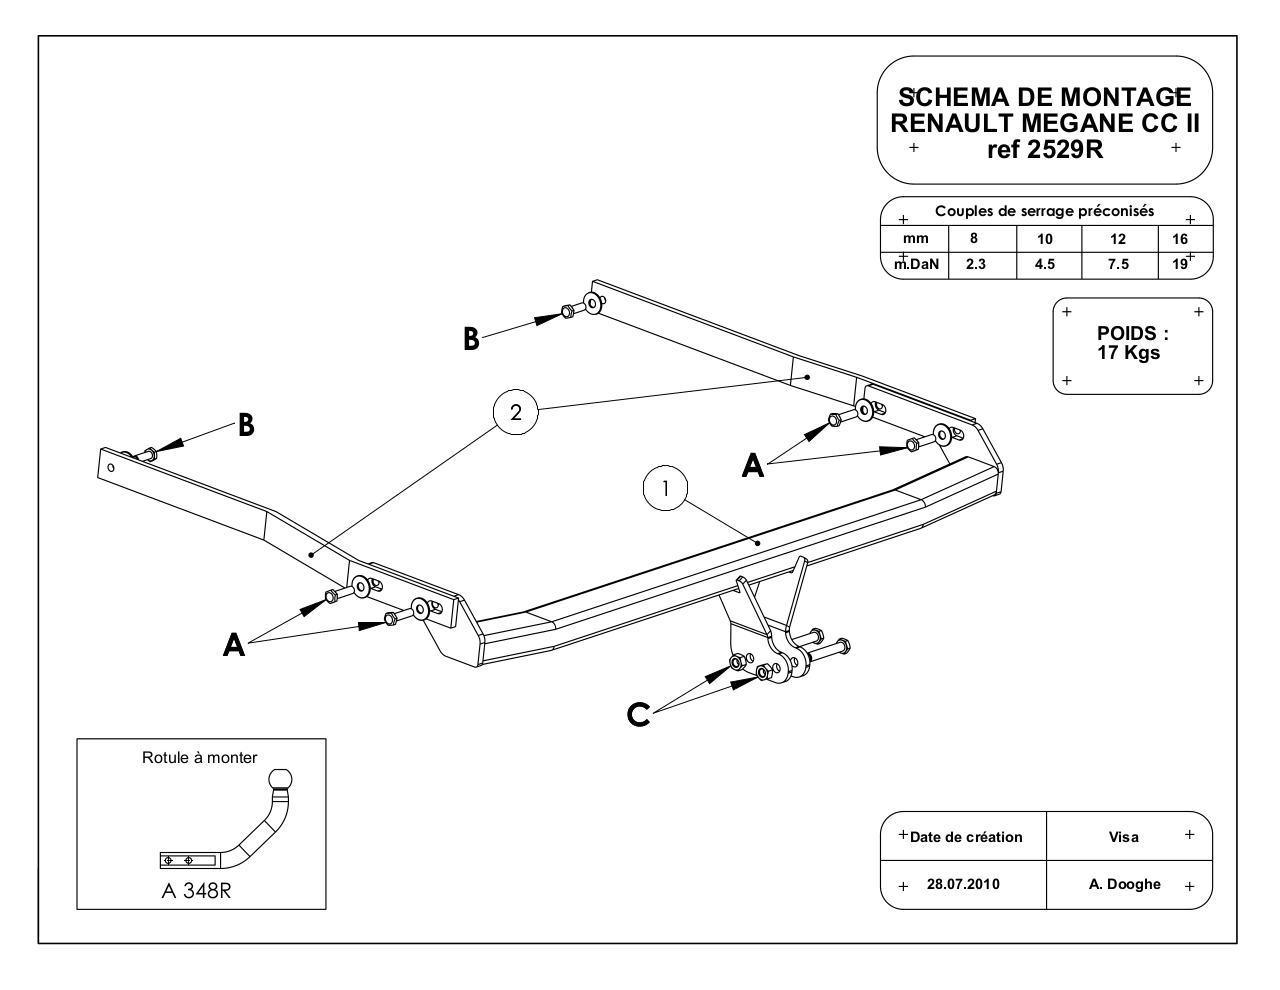 montage crochet d 39 attelage renault m gane iii fichier pdf. Black Bedroom Furniture Sets. Home Design Ideas